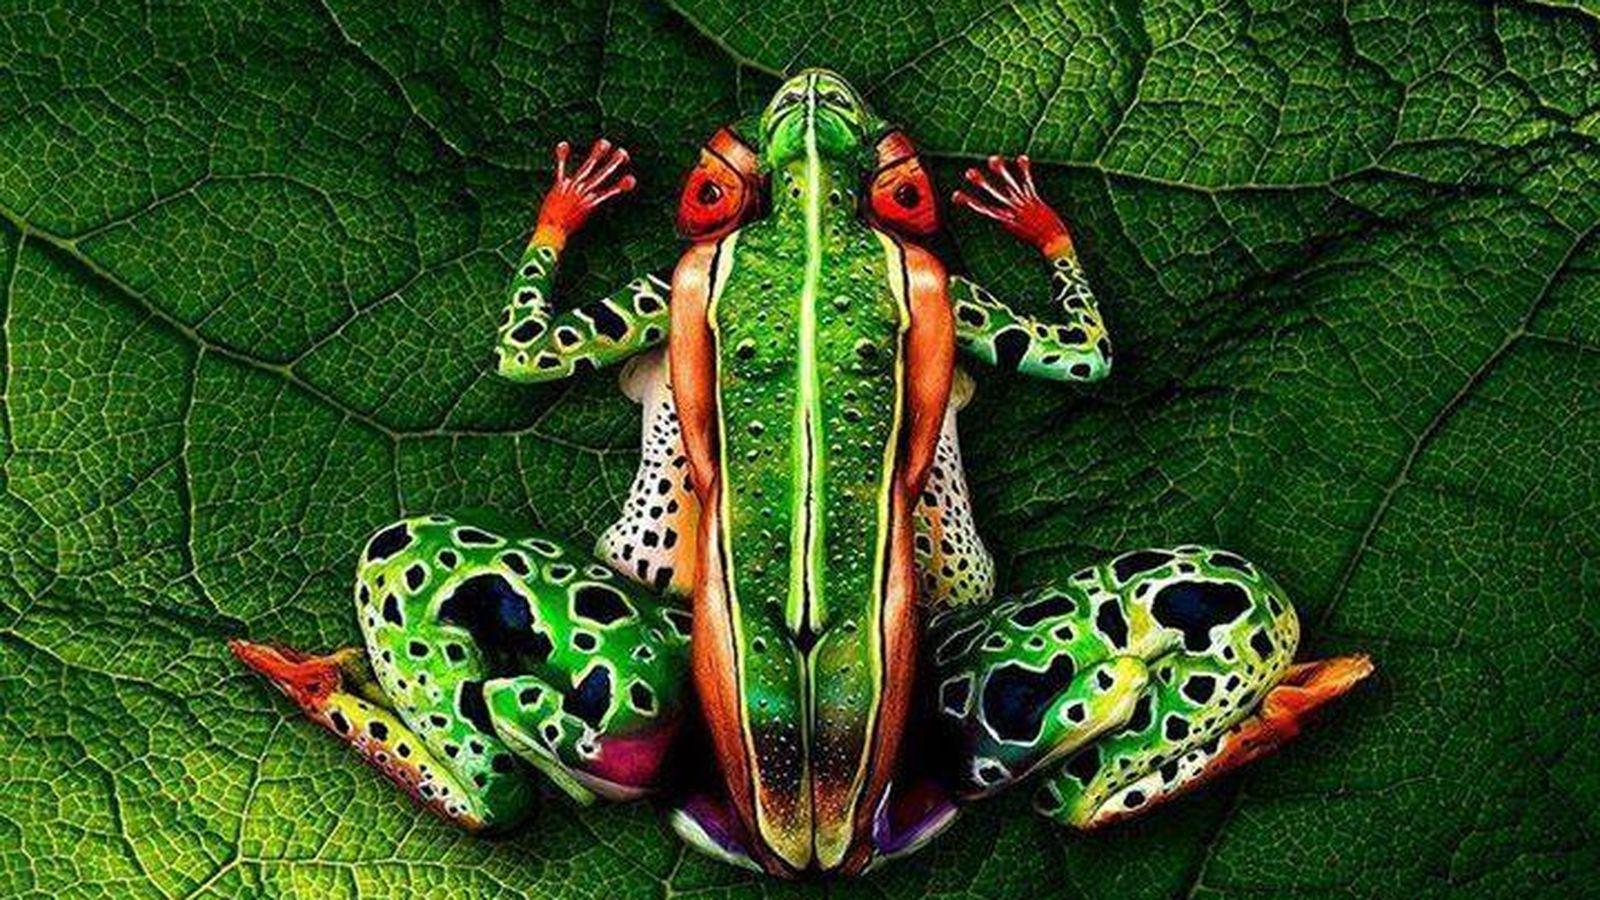 Foto: ¿Esto es una rana? Puede no ser lo que parece